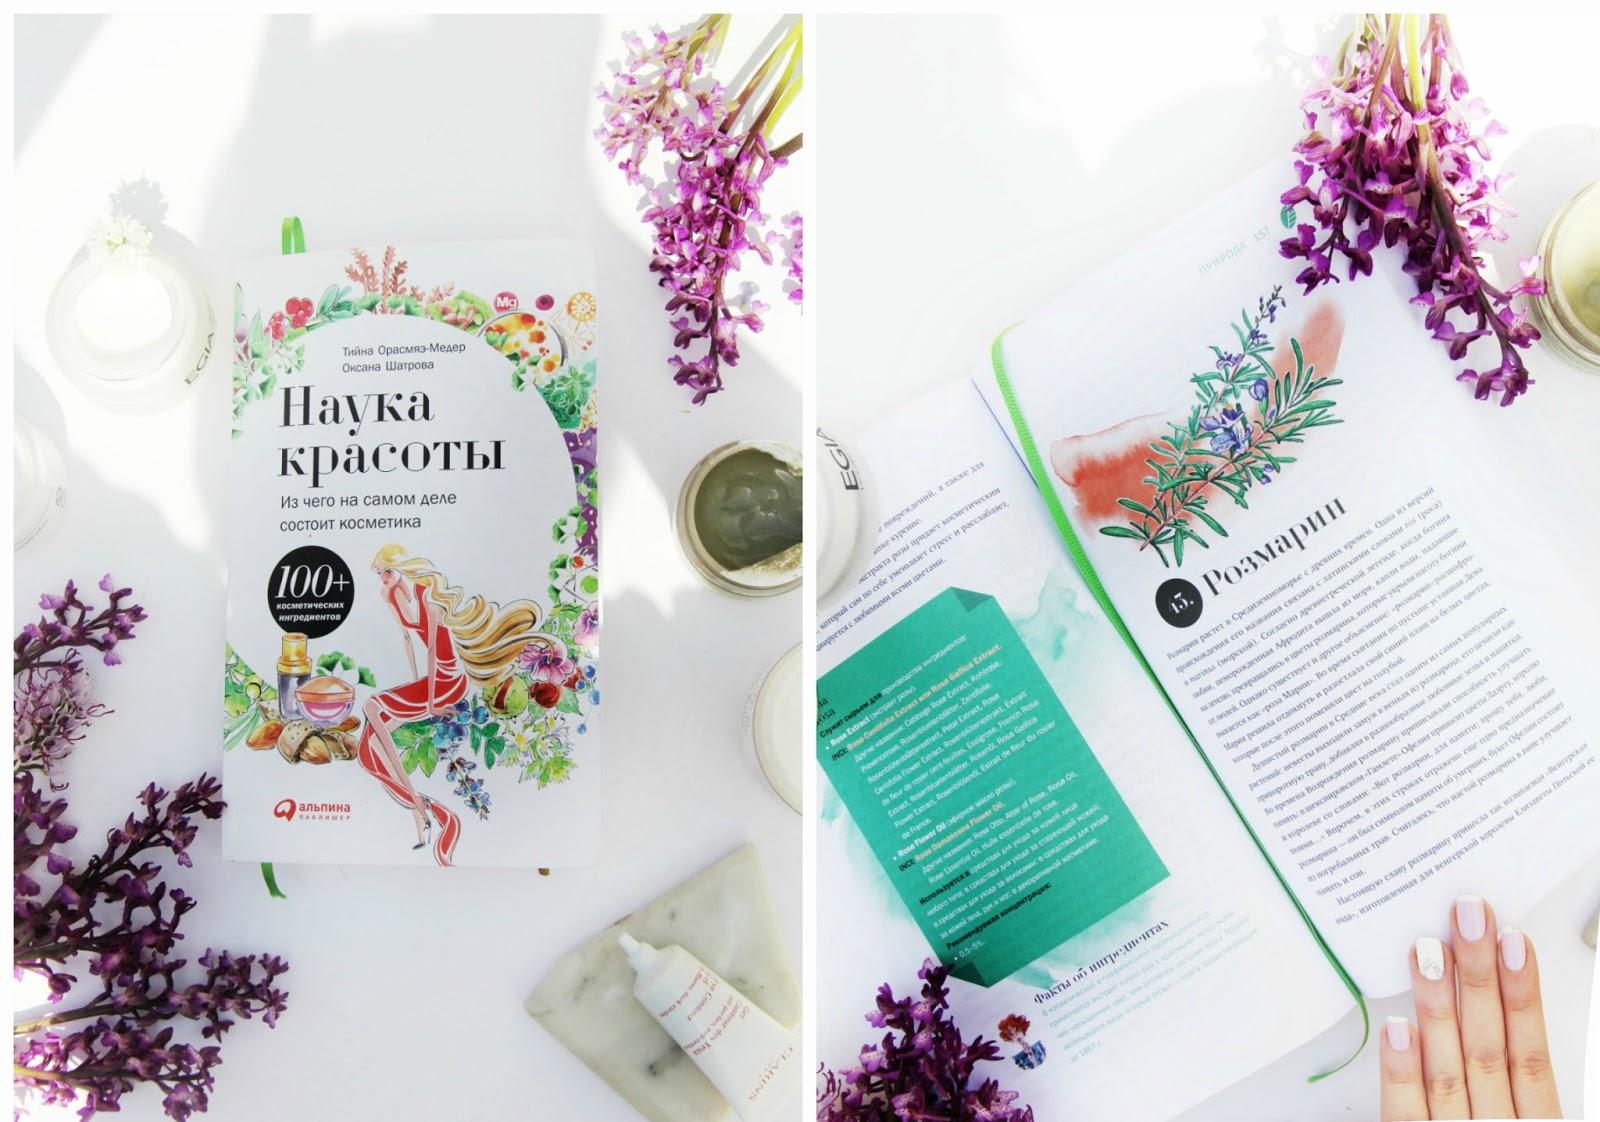 b584735a1e1b Оформление приятное глазу, формат книги приятно держать в руке, также  прилагается тонкая закладочка из атласной, зеленой ткани. Переплет  качественный, шрифт ...